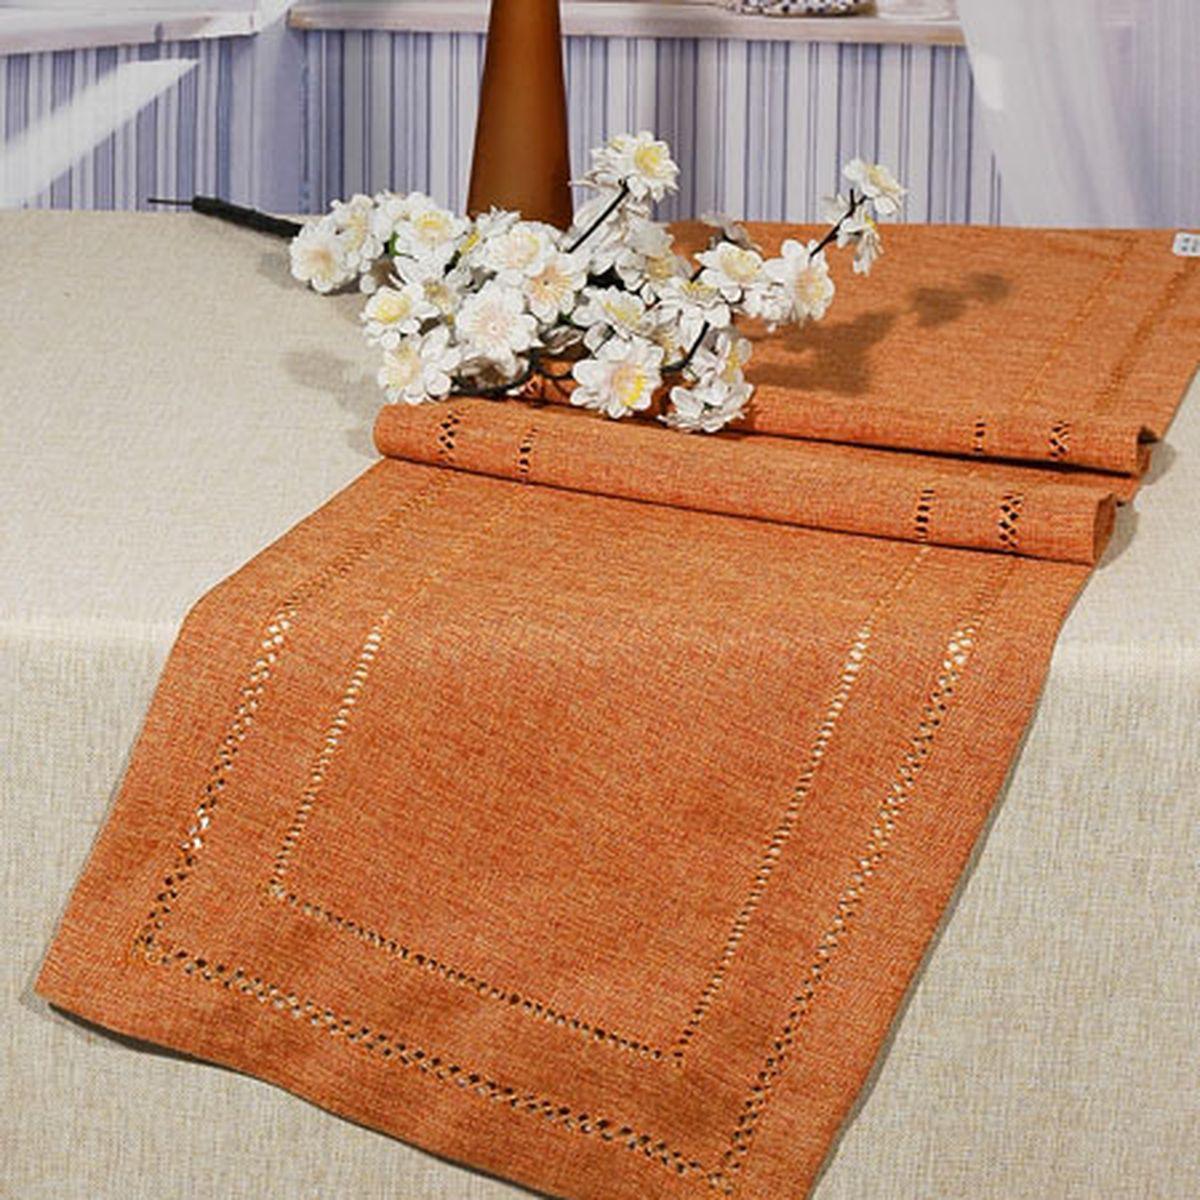 Дорожка для декорирования стола Schaefer, 40 x 140 см, цвет: оранжевый. 06733-211